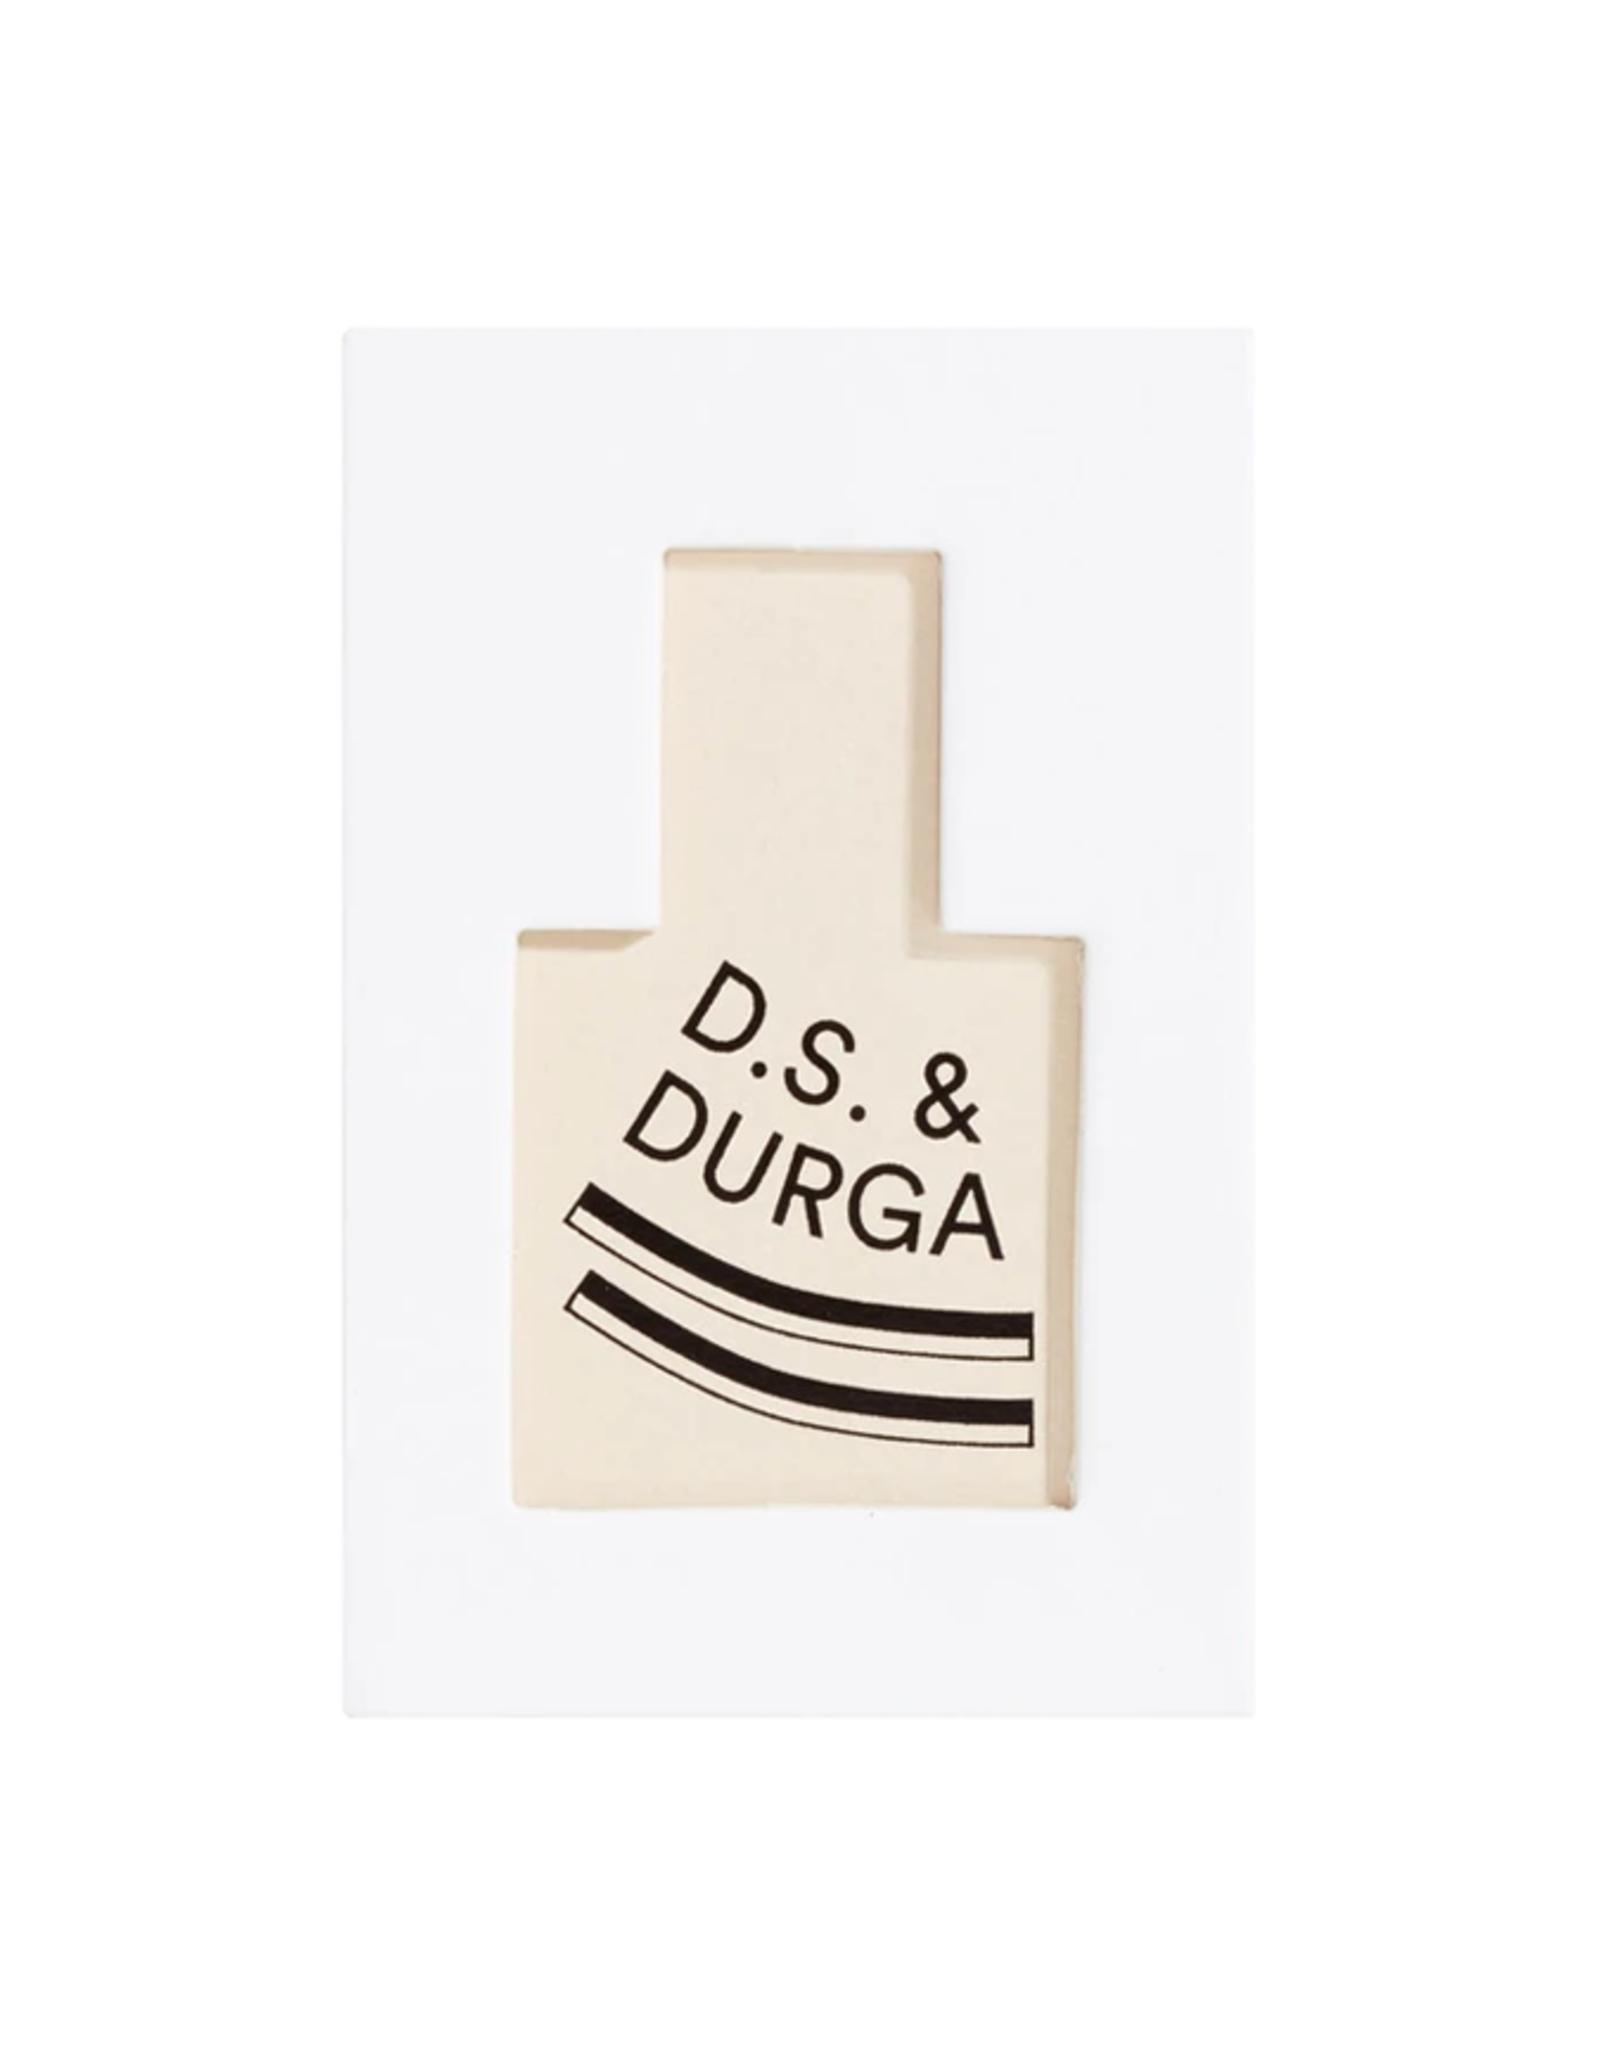 D.S. & DURGA White Peacock Lily - Eau de Parfum - 50mL